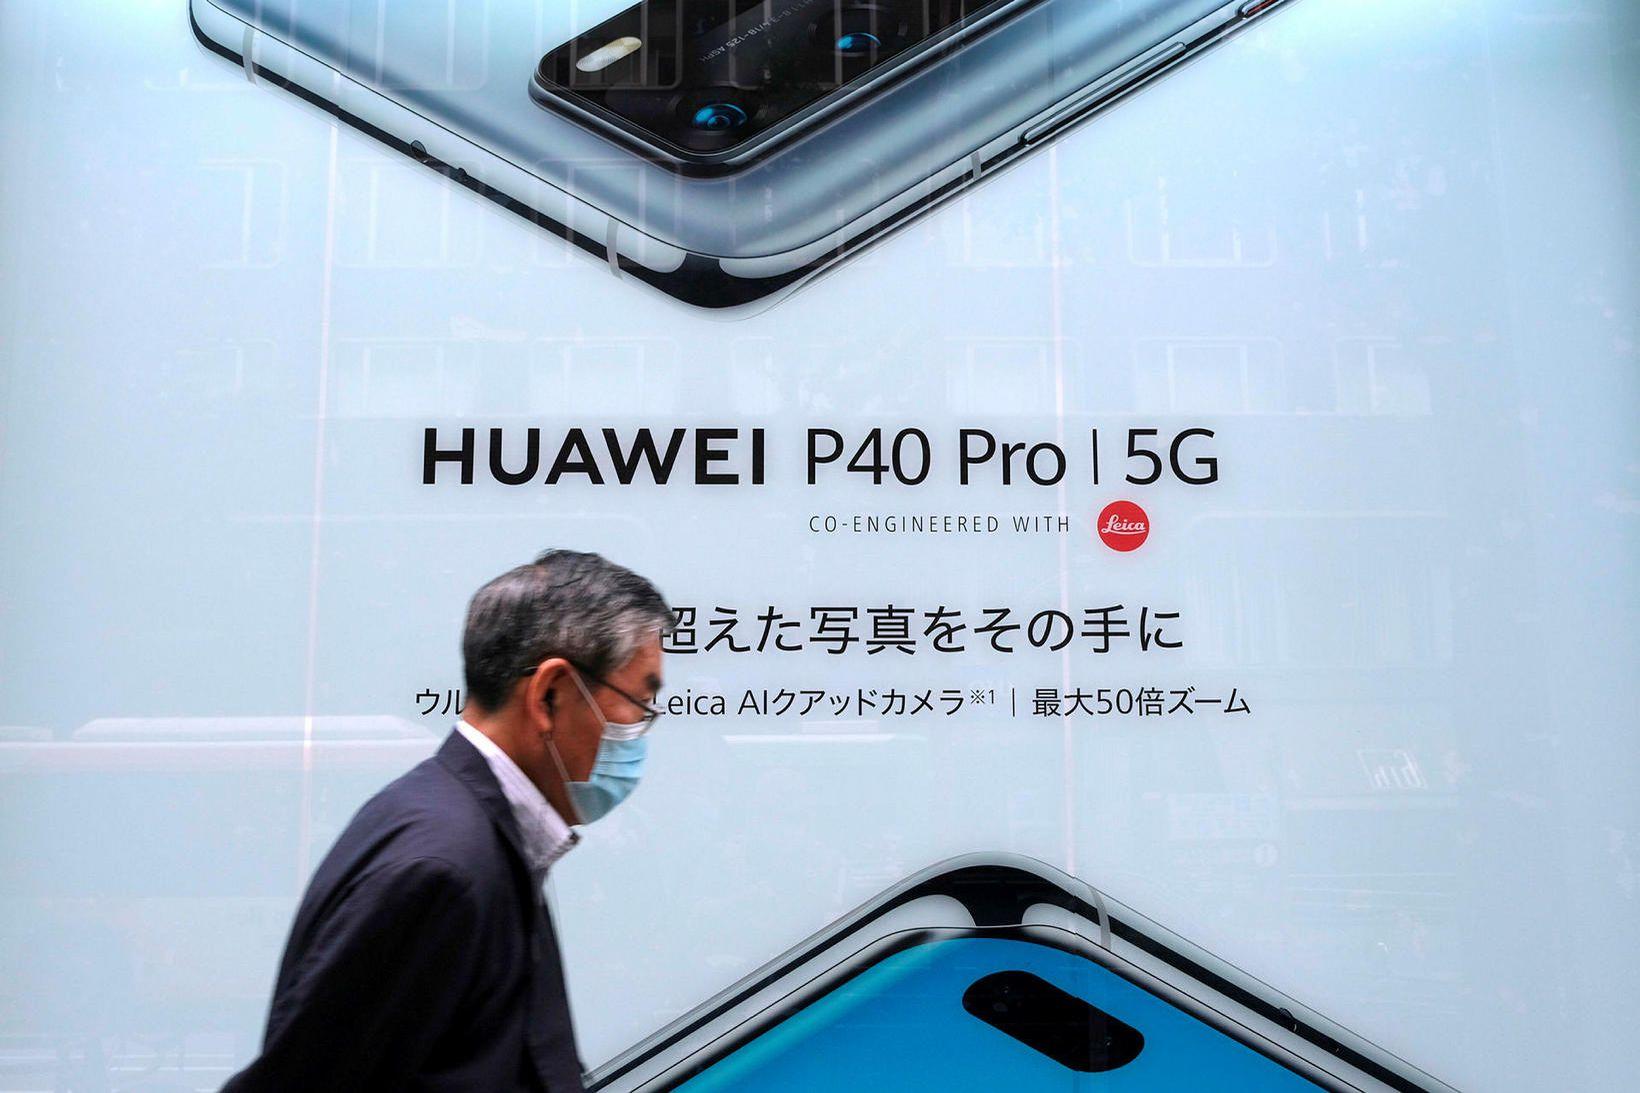 Kínverska fyrirtækið Huawei er stærsti fjarskiptatækniframleiðandi í heiminum.